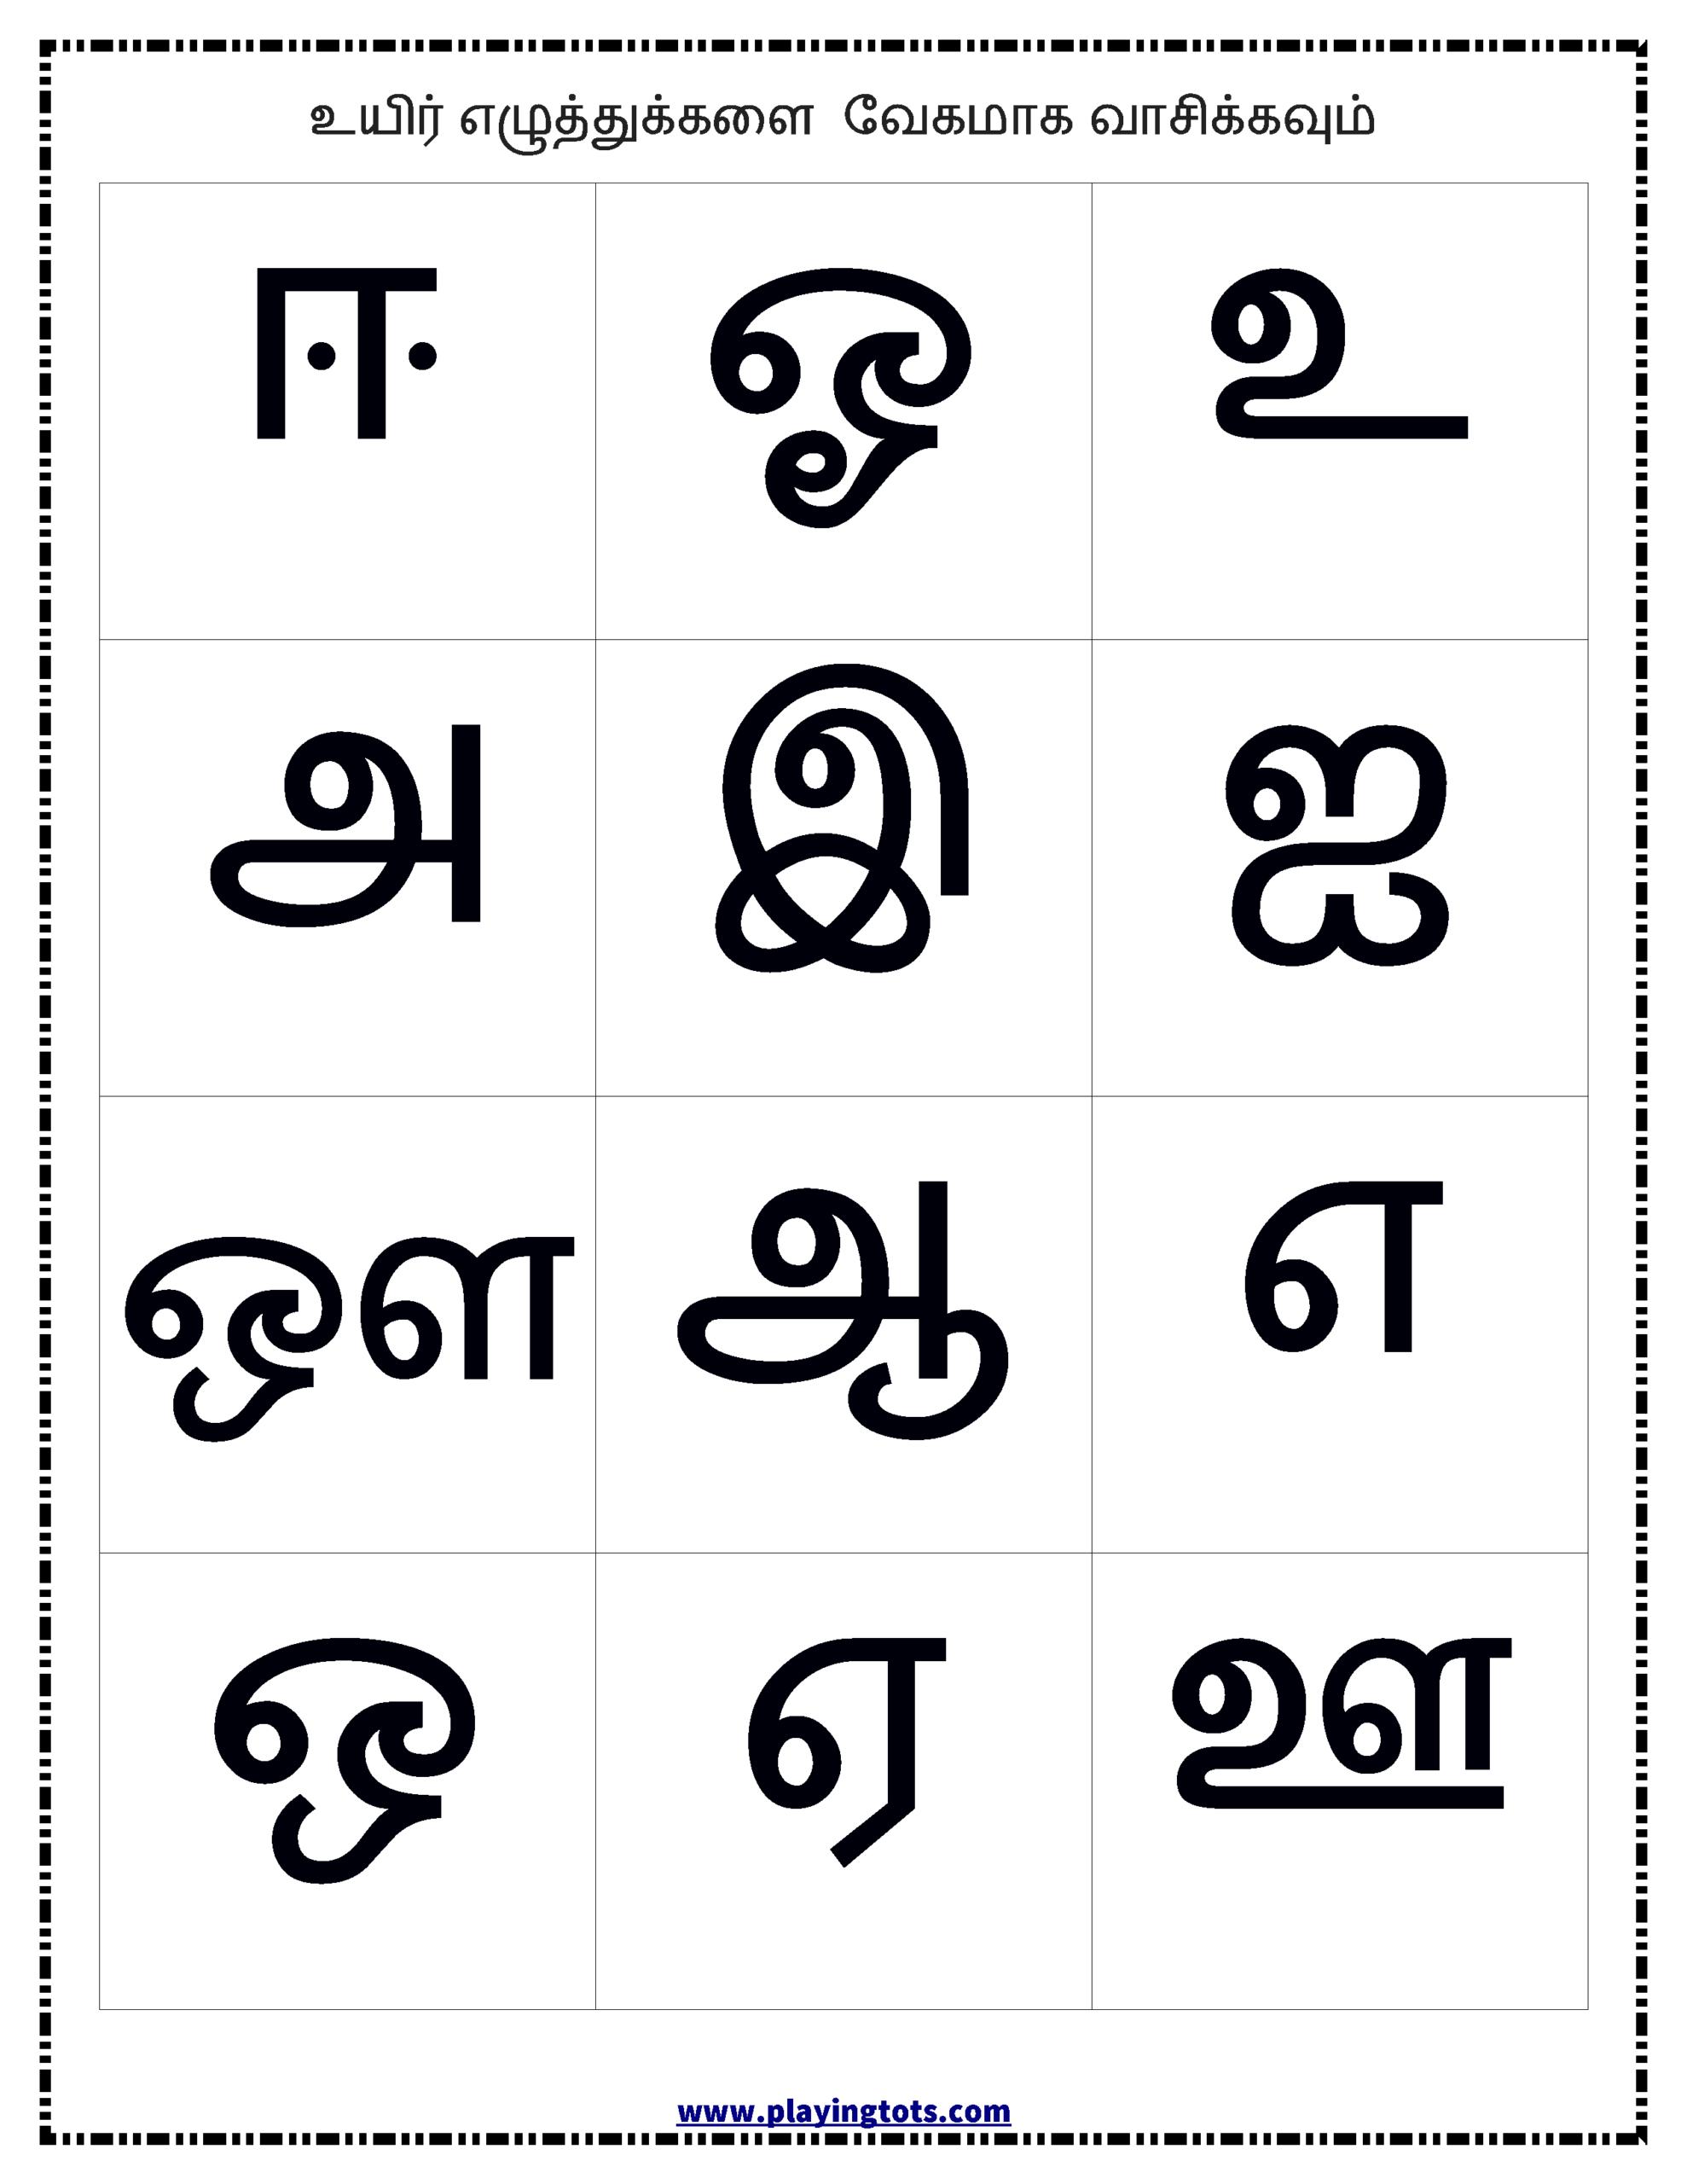 உயிர் எழுத்துக்கள் - Reading Practice Sheet intended for Tamil Letters Tracing Worksheets Pdf